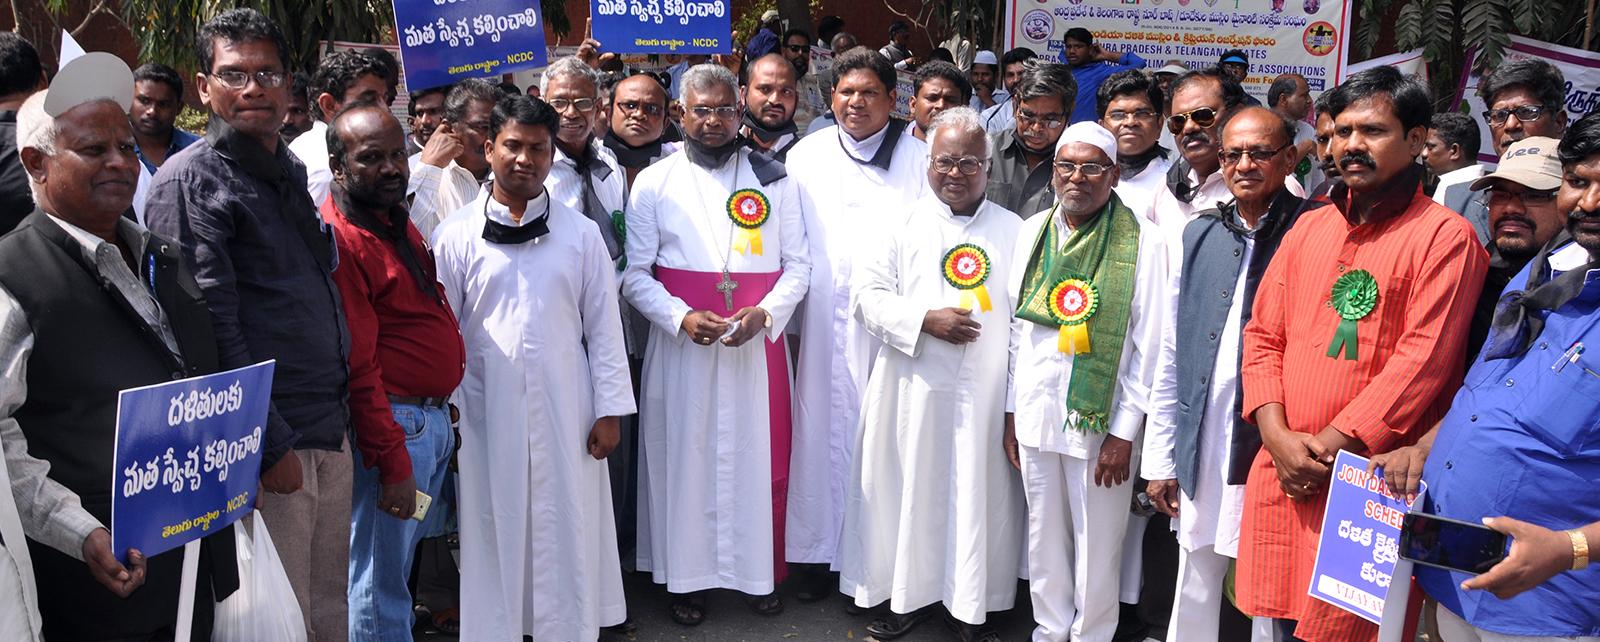 Obispos de India a favor del matrimonio libre entre castas © Asia News